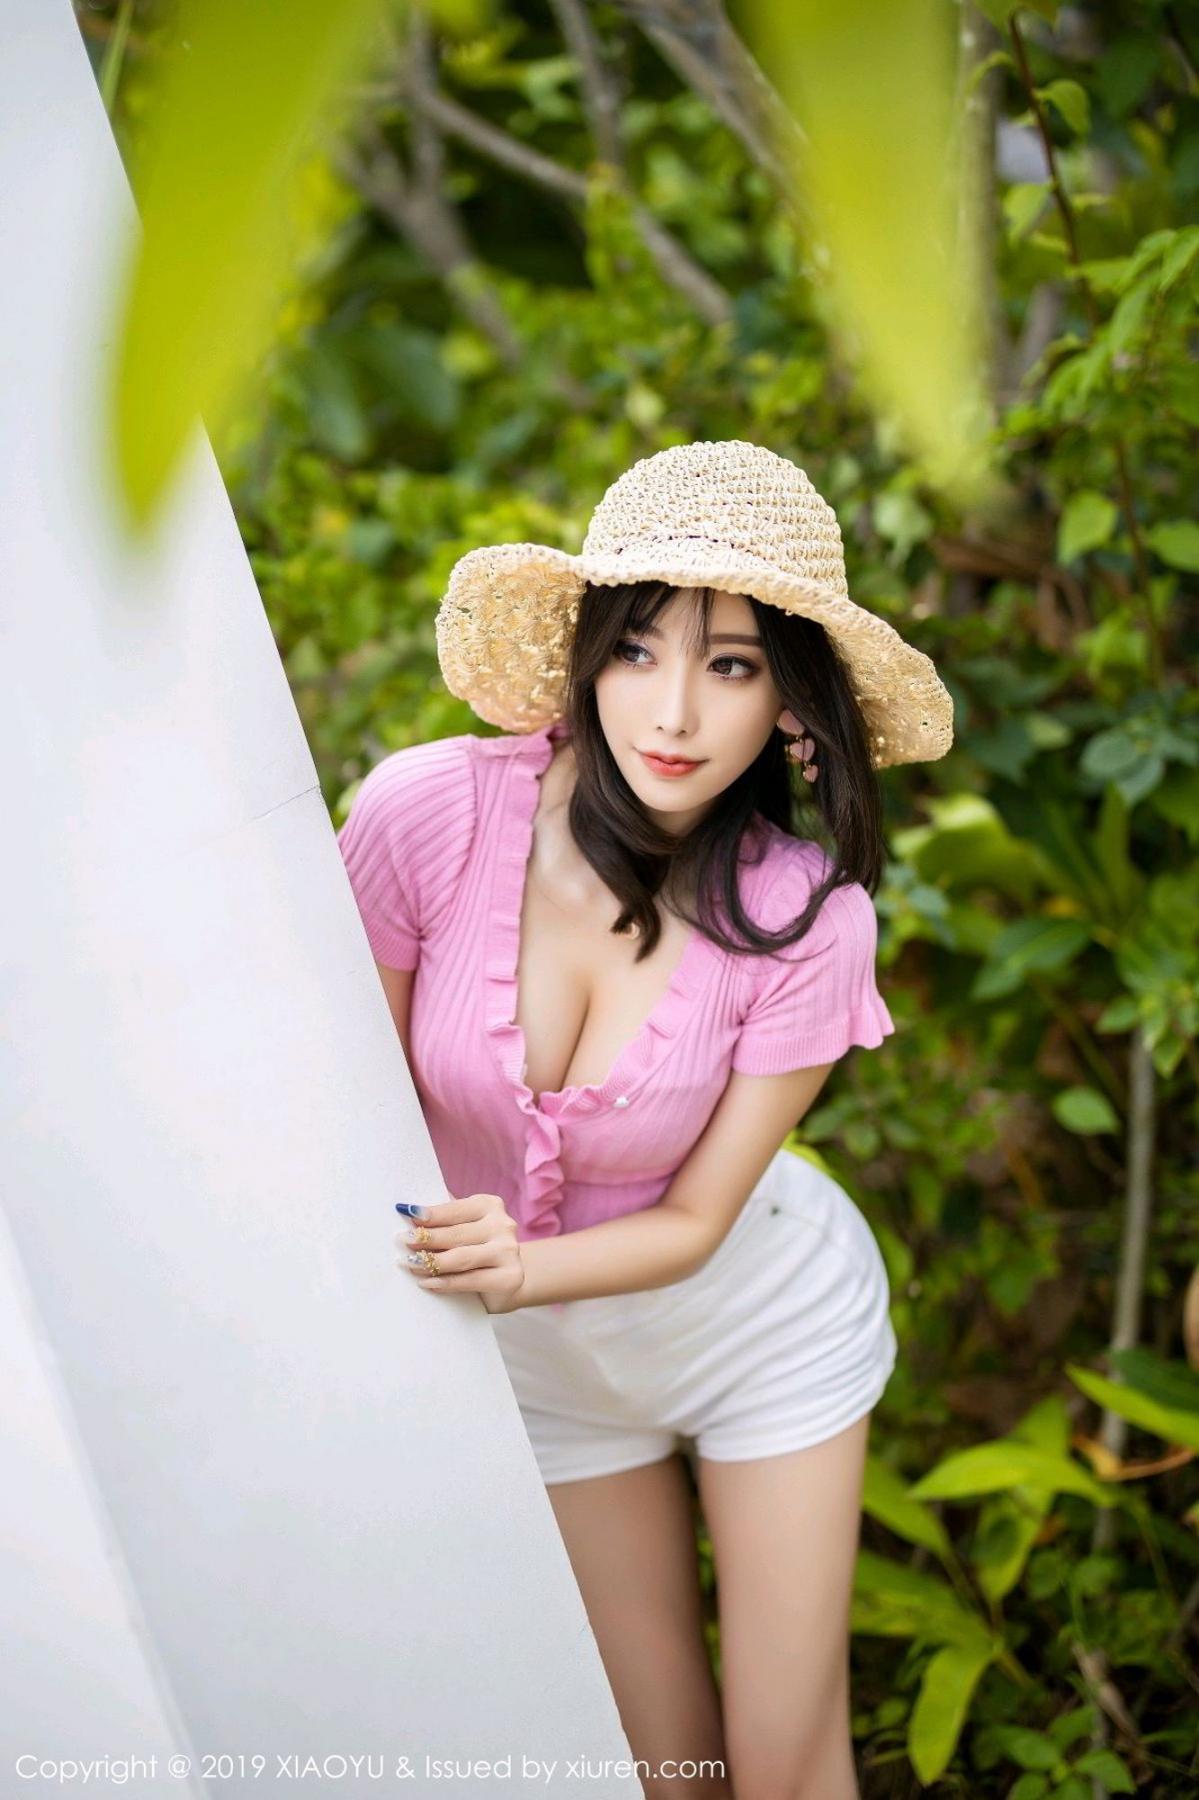 [XiaoYu] Vol.169 Yang Chen Chen 15P, Outdoor, Underwear, XiaoYu, Yang Chen Chen